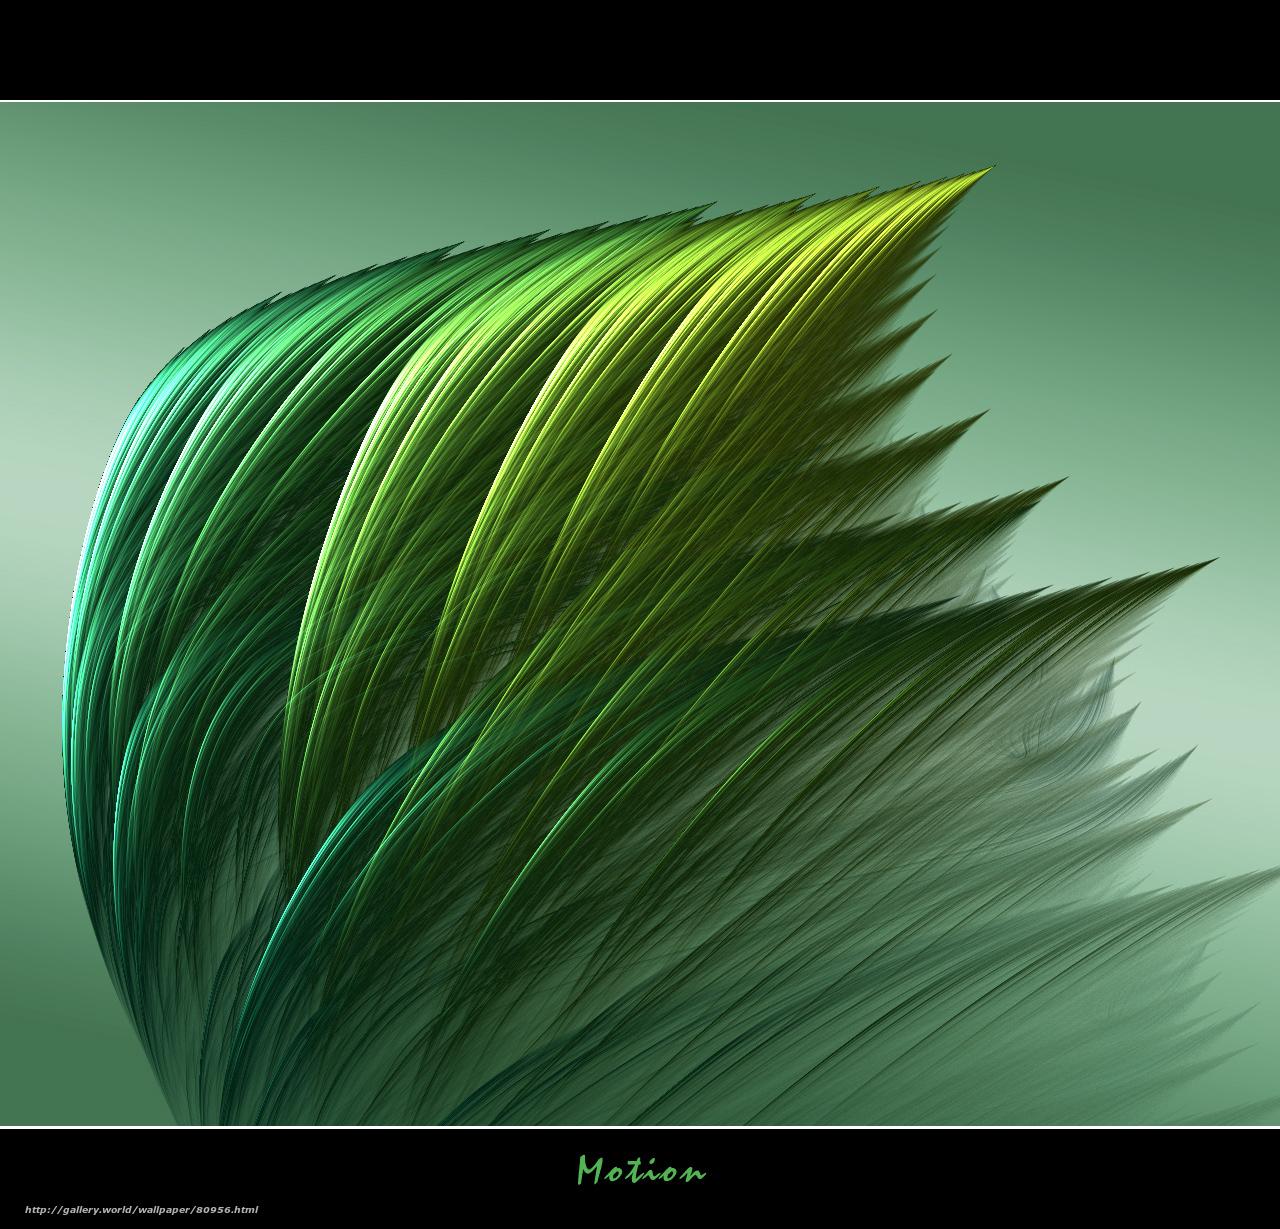 scaricare gli sfondi movimento, natura Sfondi gratis per la ...: it.gde-fon.com/download/movimento_natura/80956/1280x1229